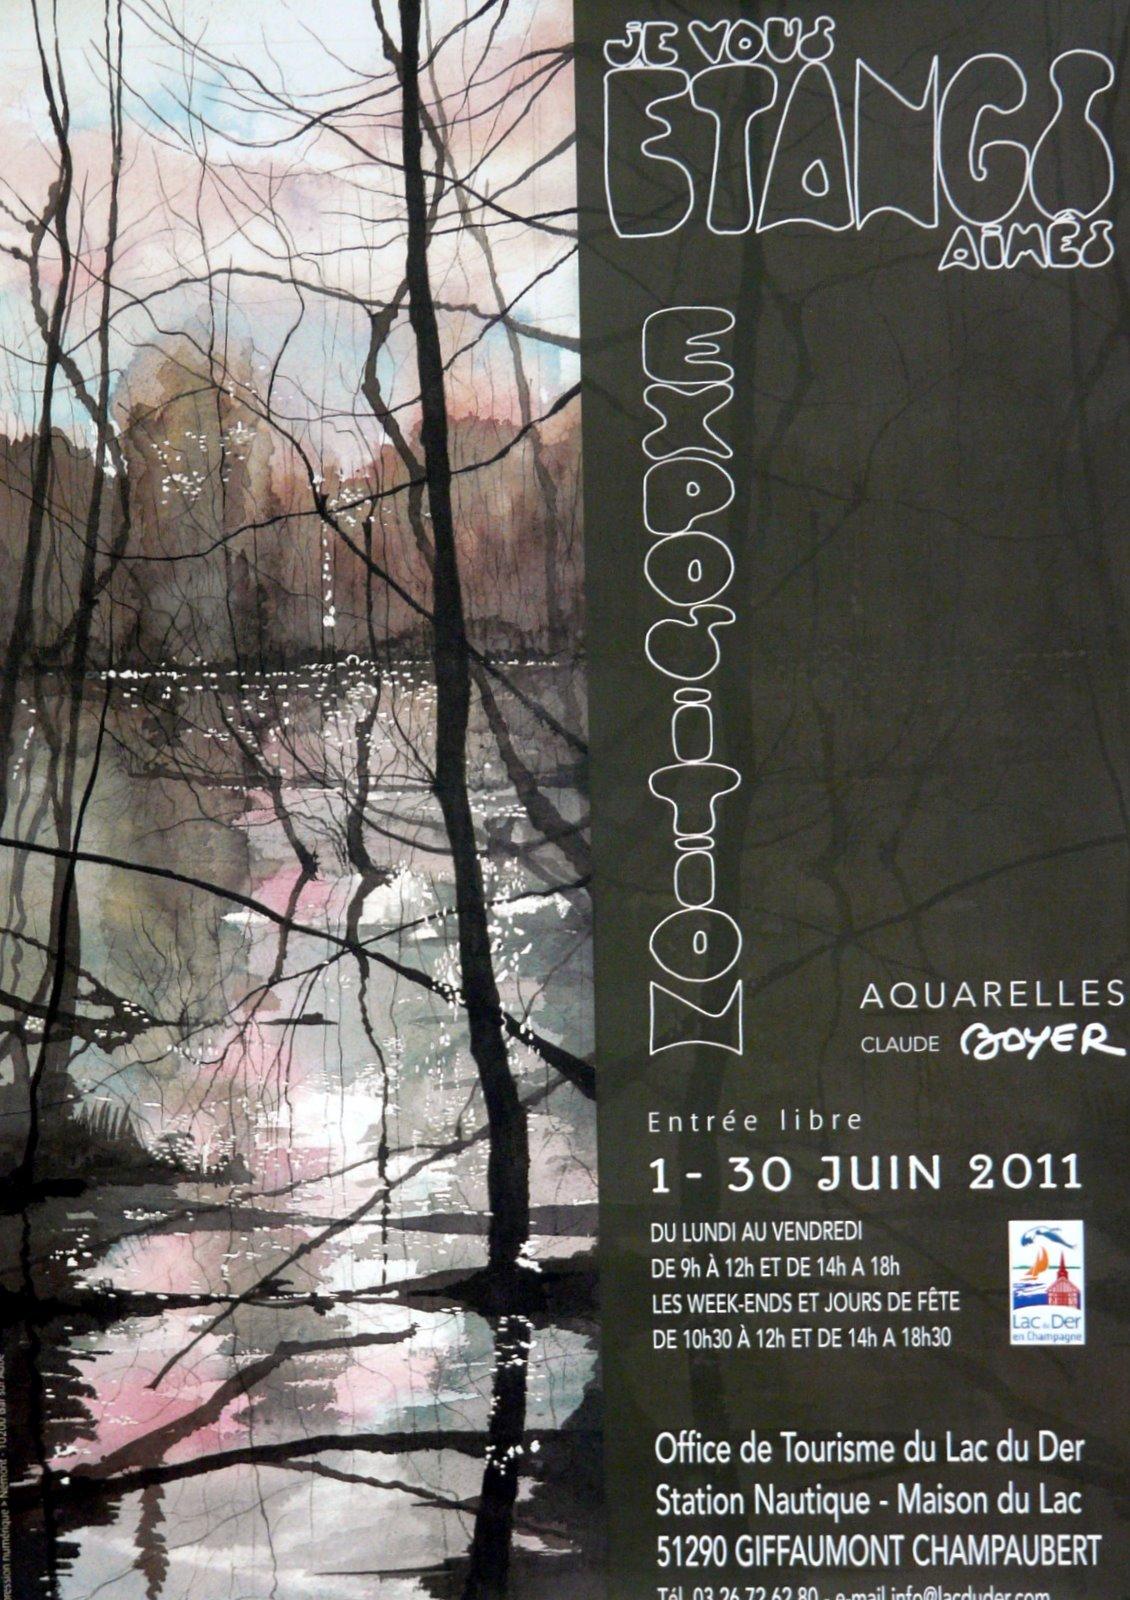 Brienne le ch teau et sa r gion exposition aquarelles lac du der - Office tourisme lac du der ...